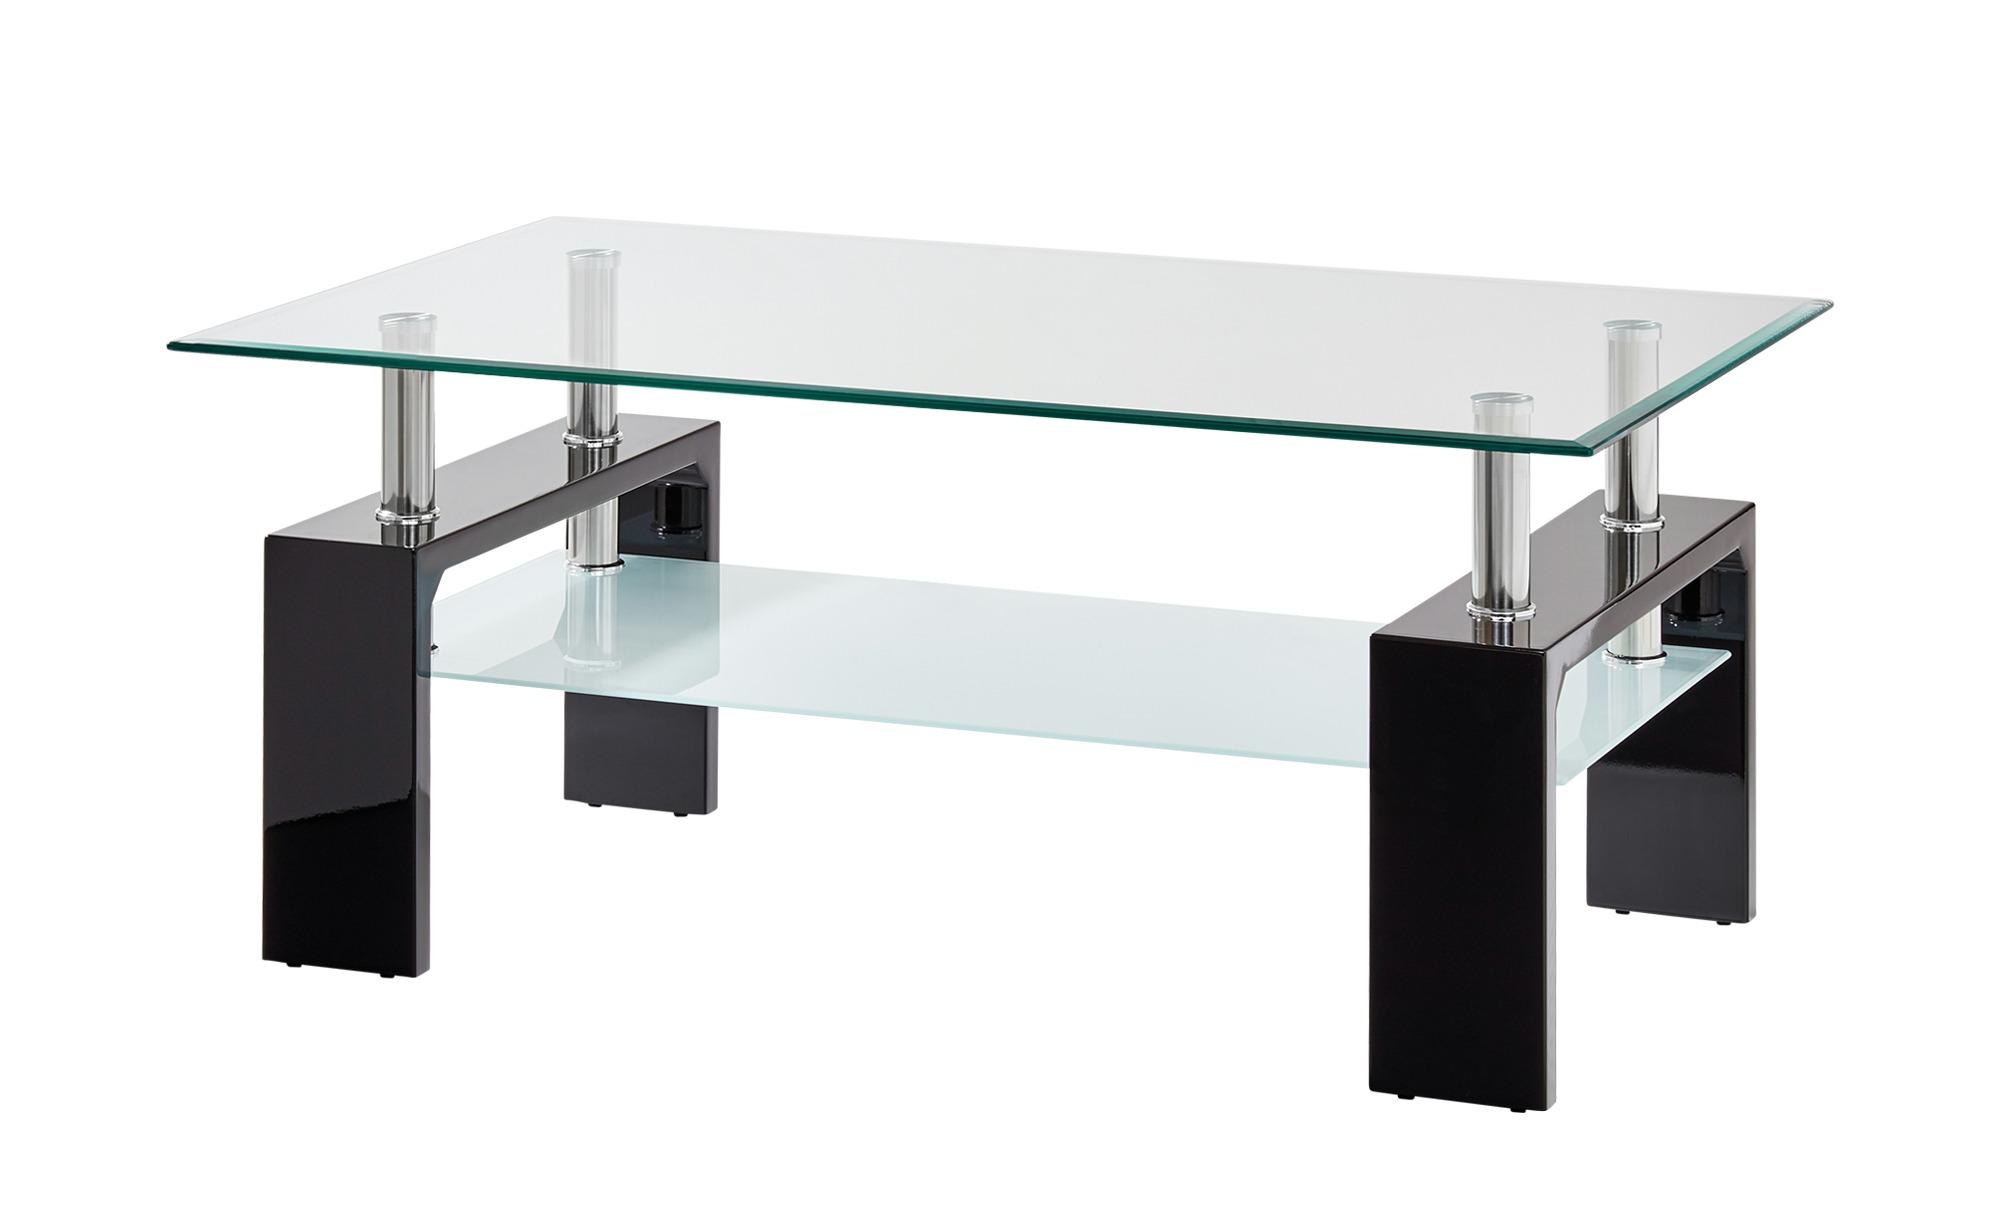 Couchtisch  Elba ¦ schwarz ¦ Maße (cm): B: 60 H: 45 Tische > Couchtische > Couchtische rechteckig - Höffner